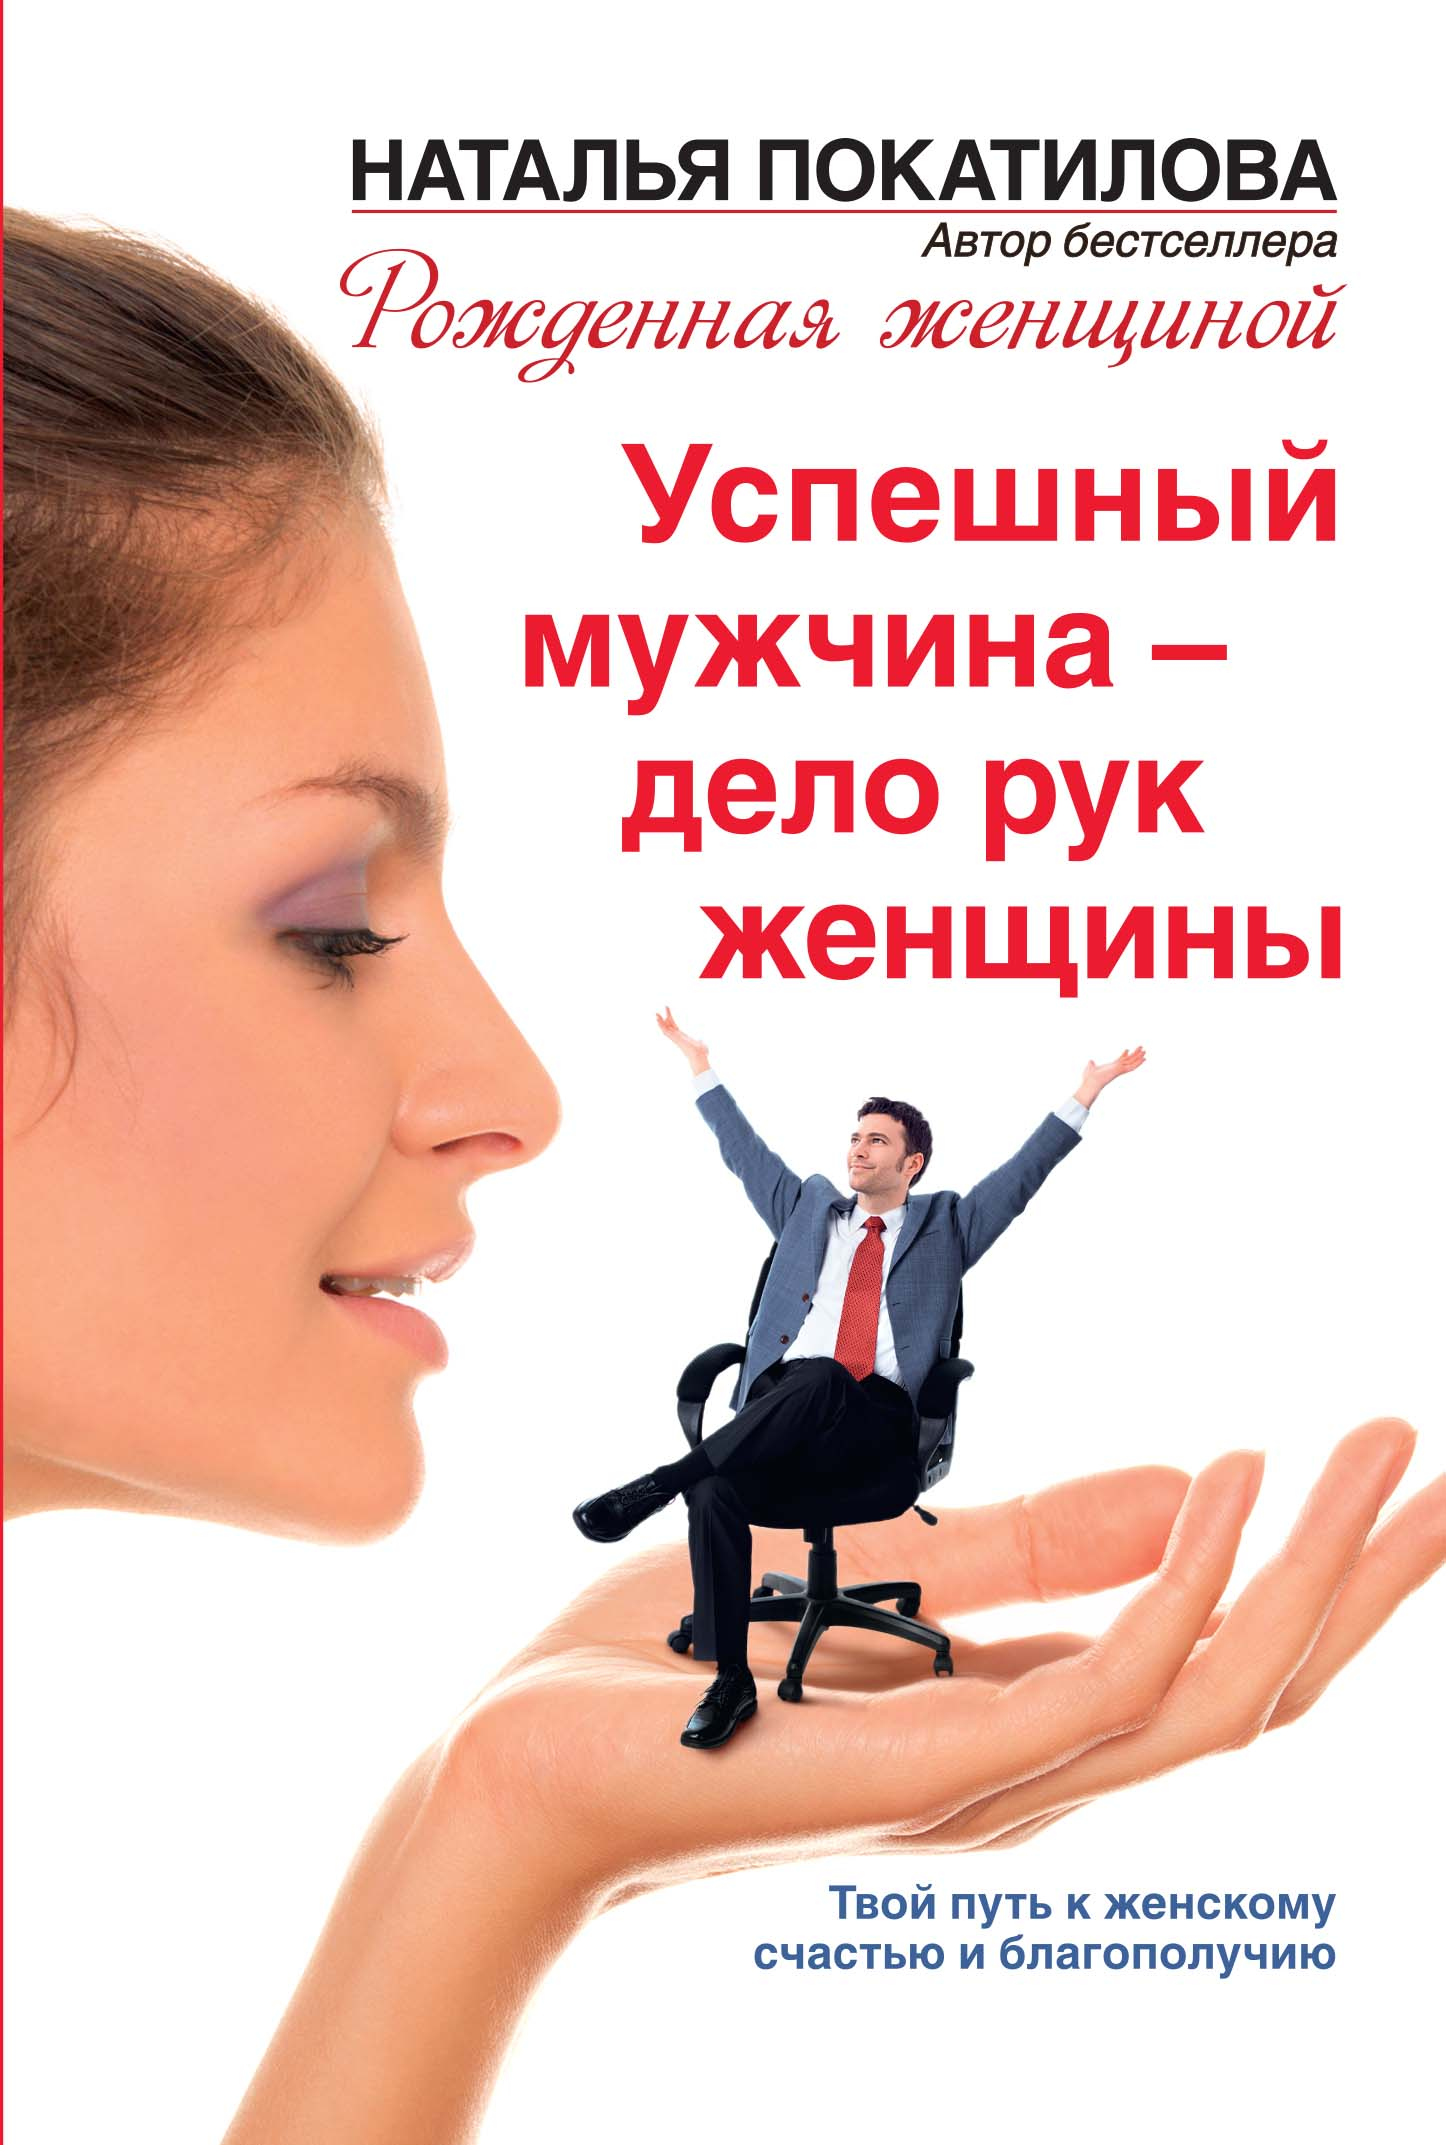 Успешный мужчина - дело рук женщины. Твой путь к женскому счастью и благополучию